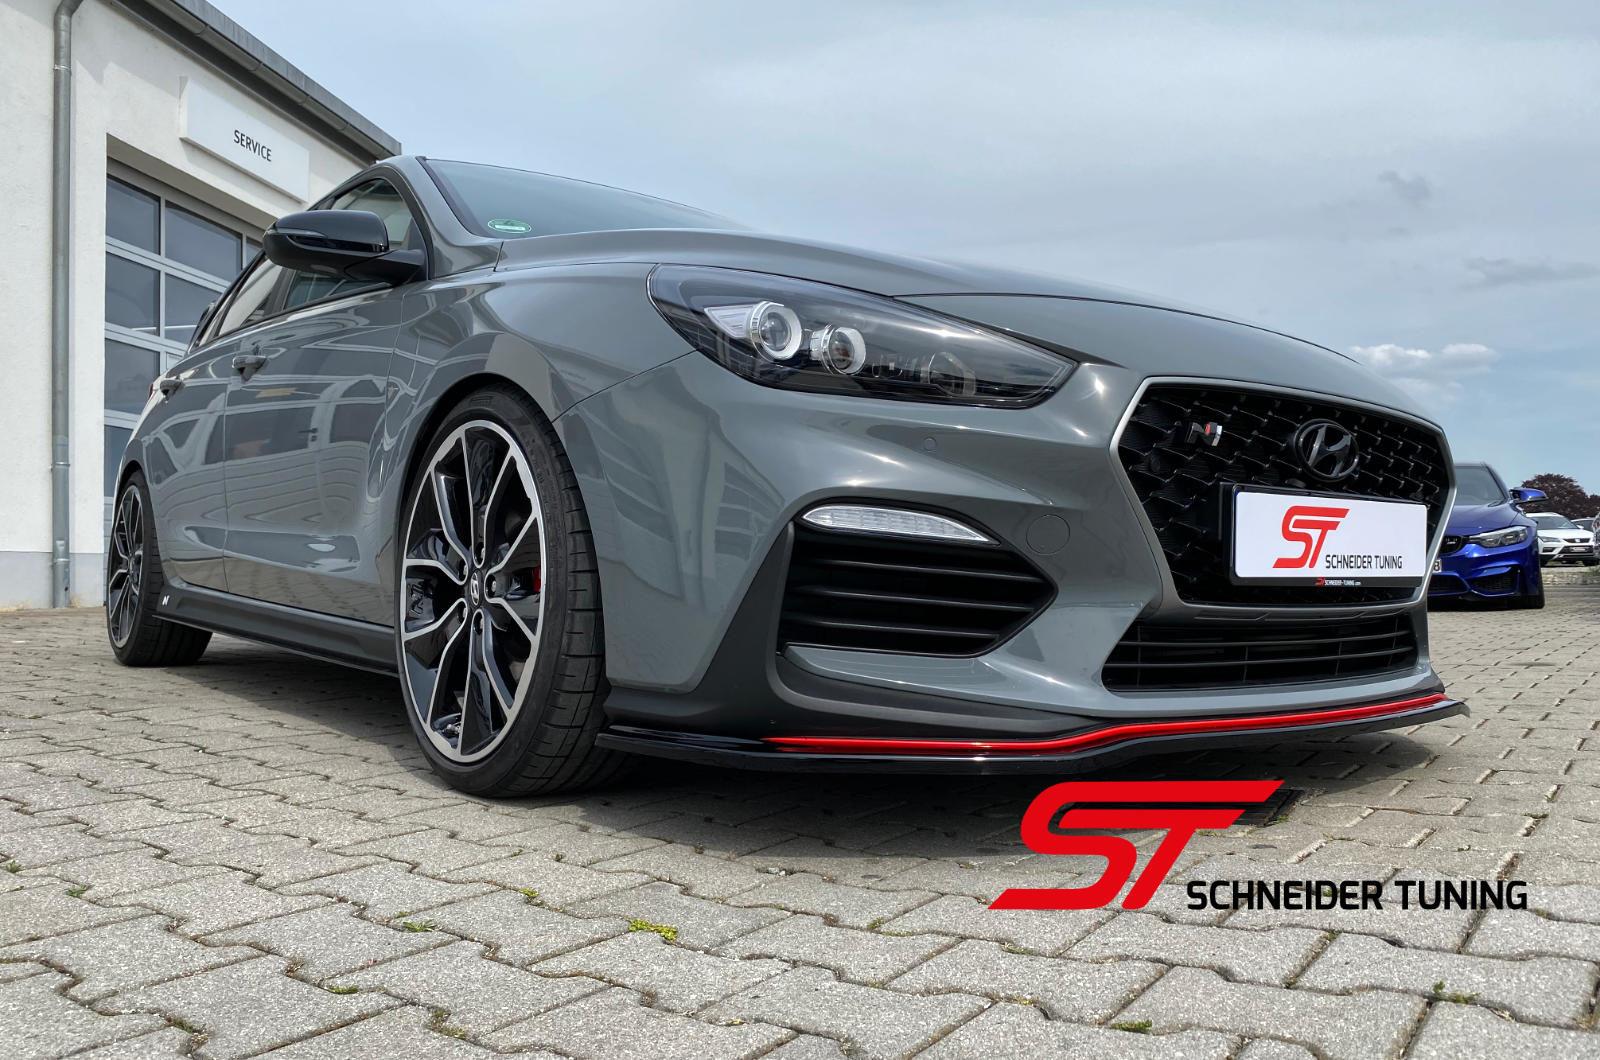 Hyundai-i30-N-grau-seite-Schneider-Tuning